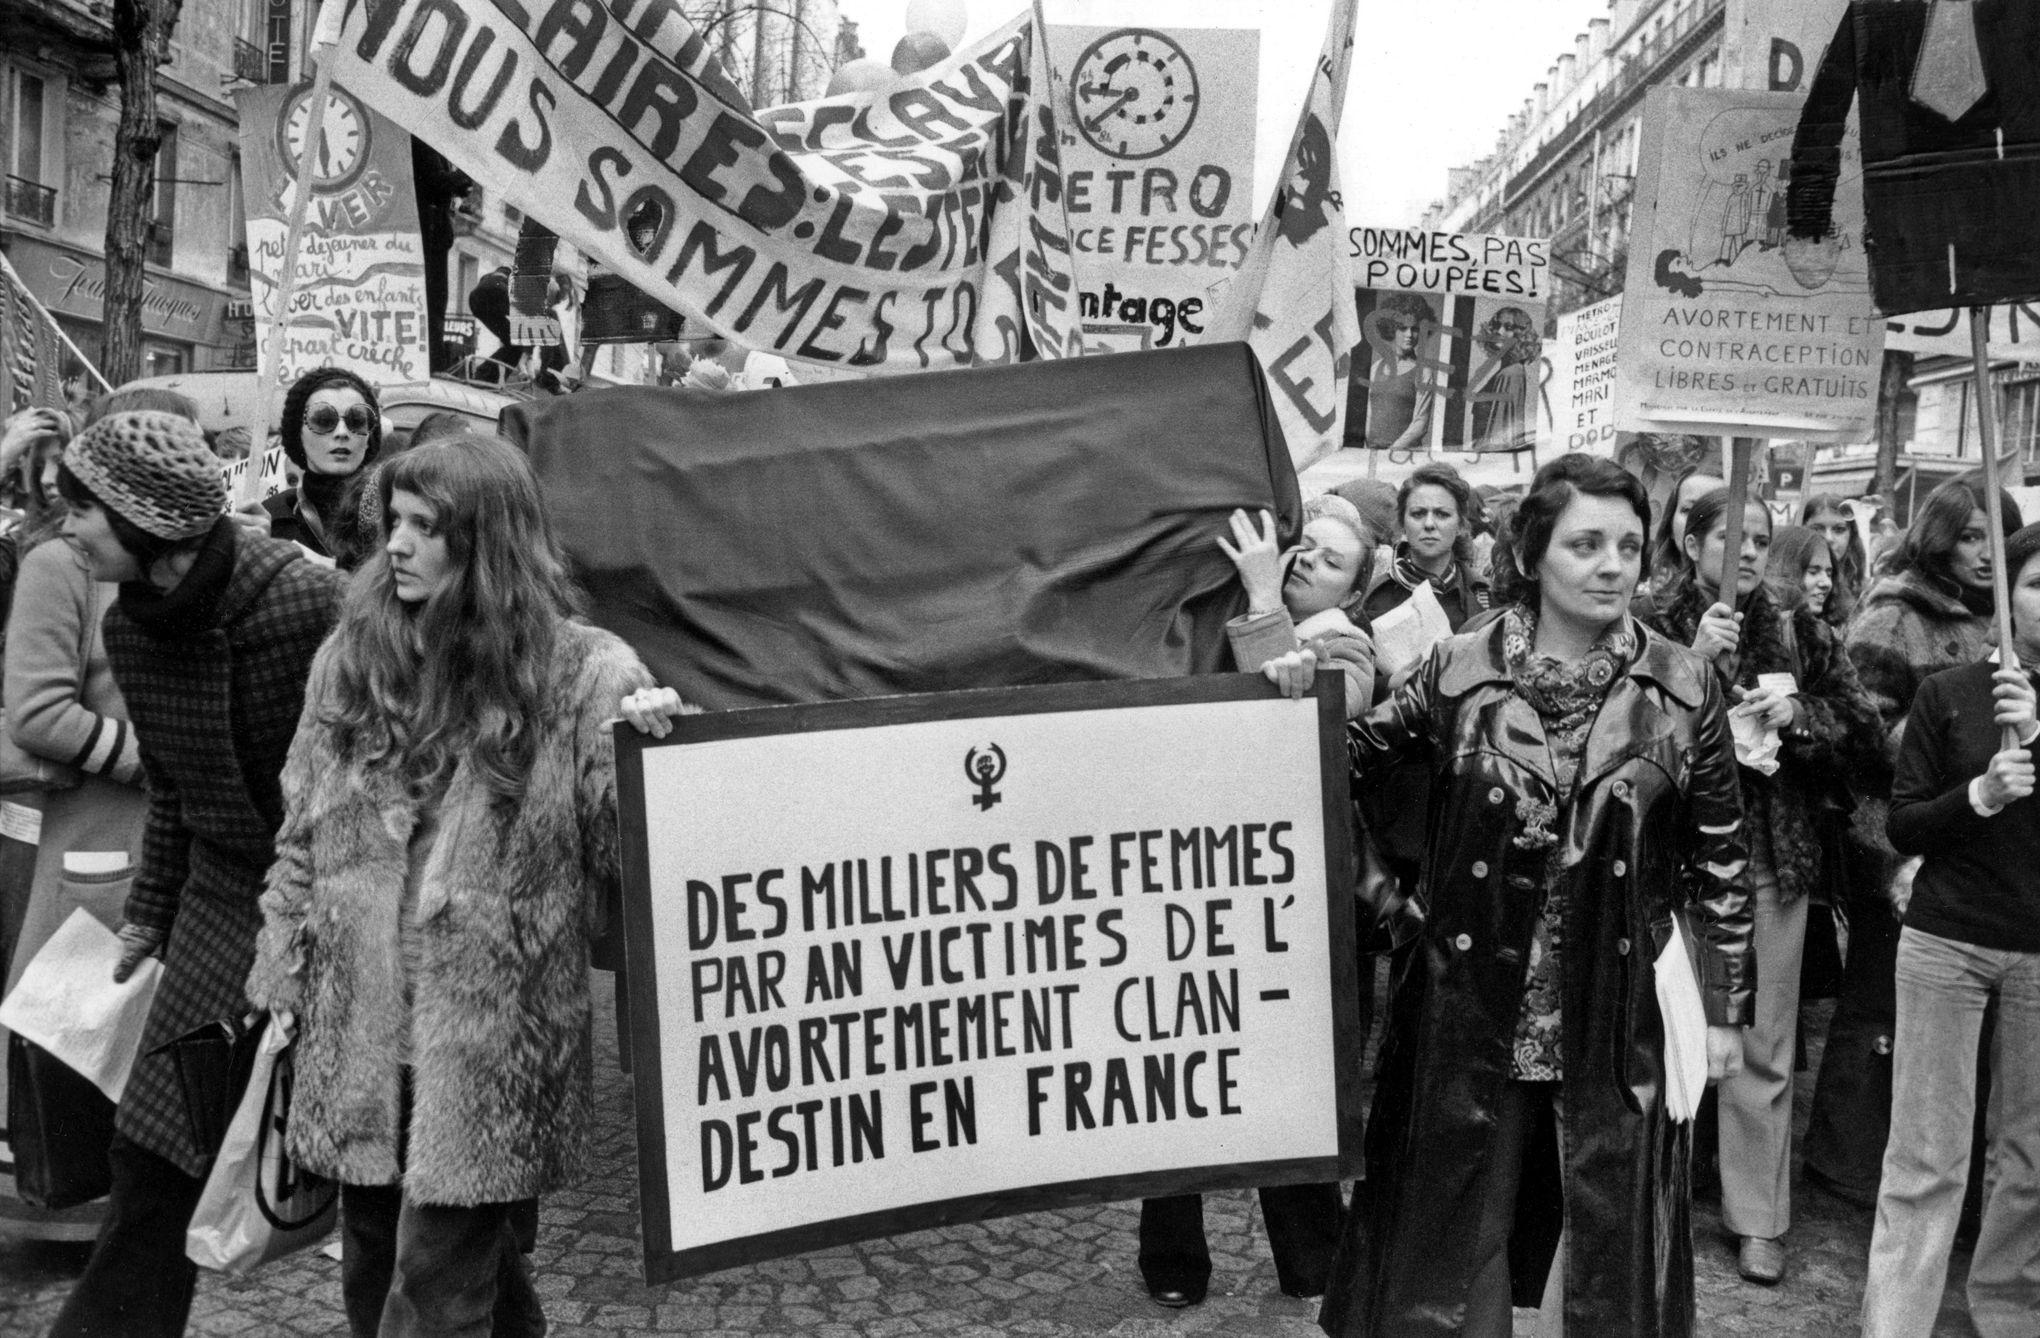 des milliers de femmes par an victimes de l'avortement clandestin en France